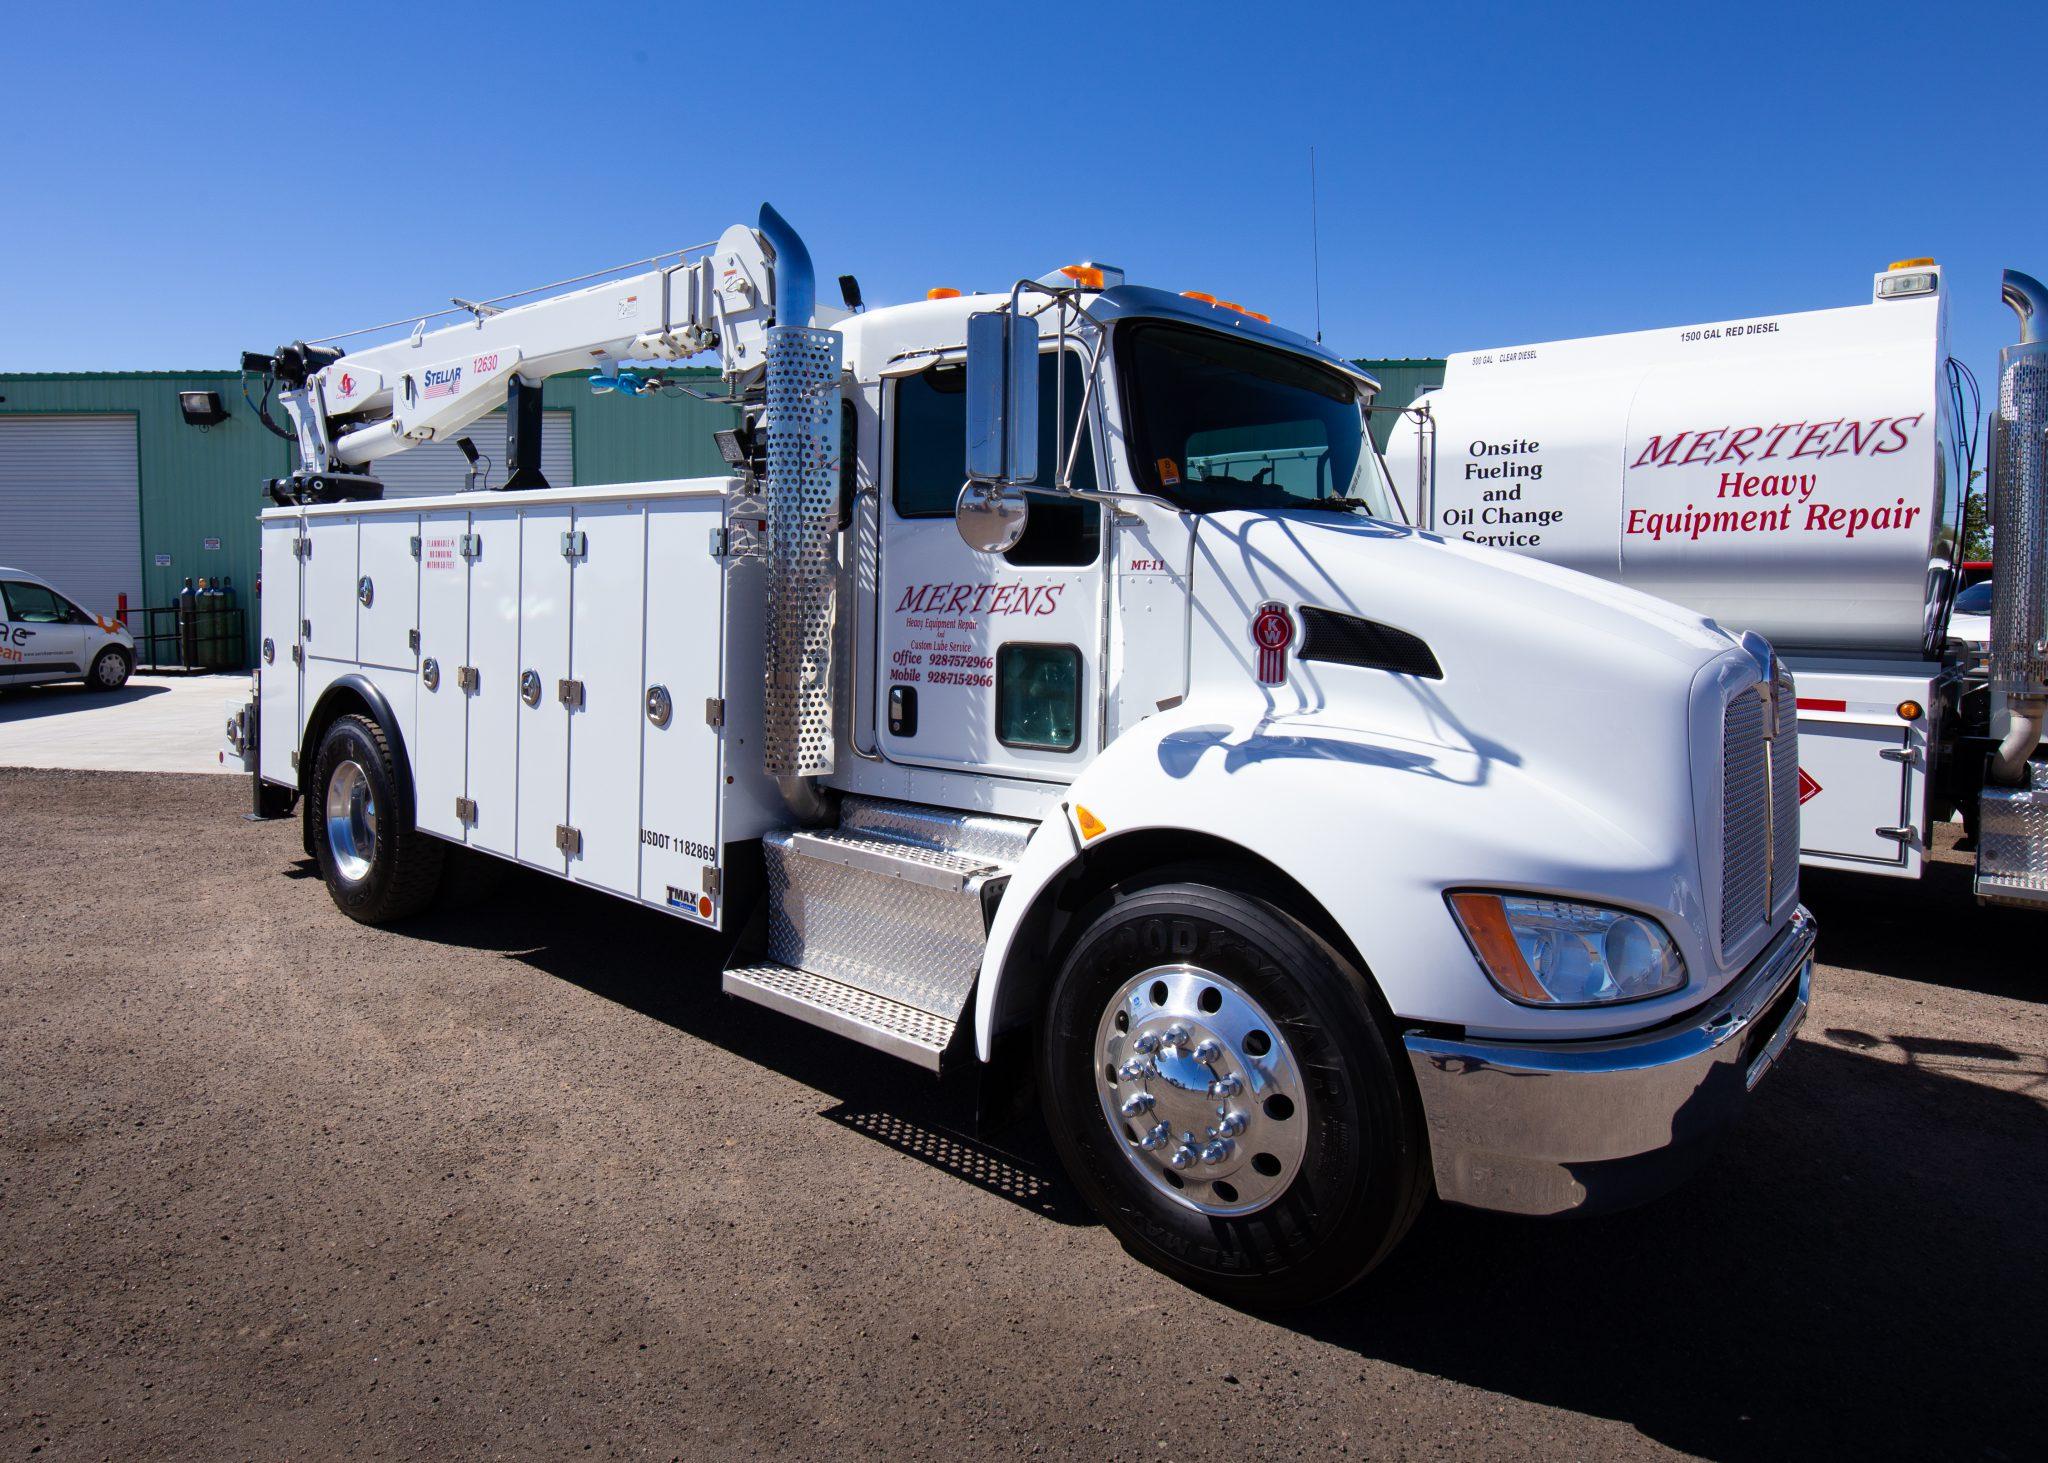 Field Service Repair Offered at Mertens Equipment mertensequipment.com